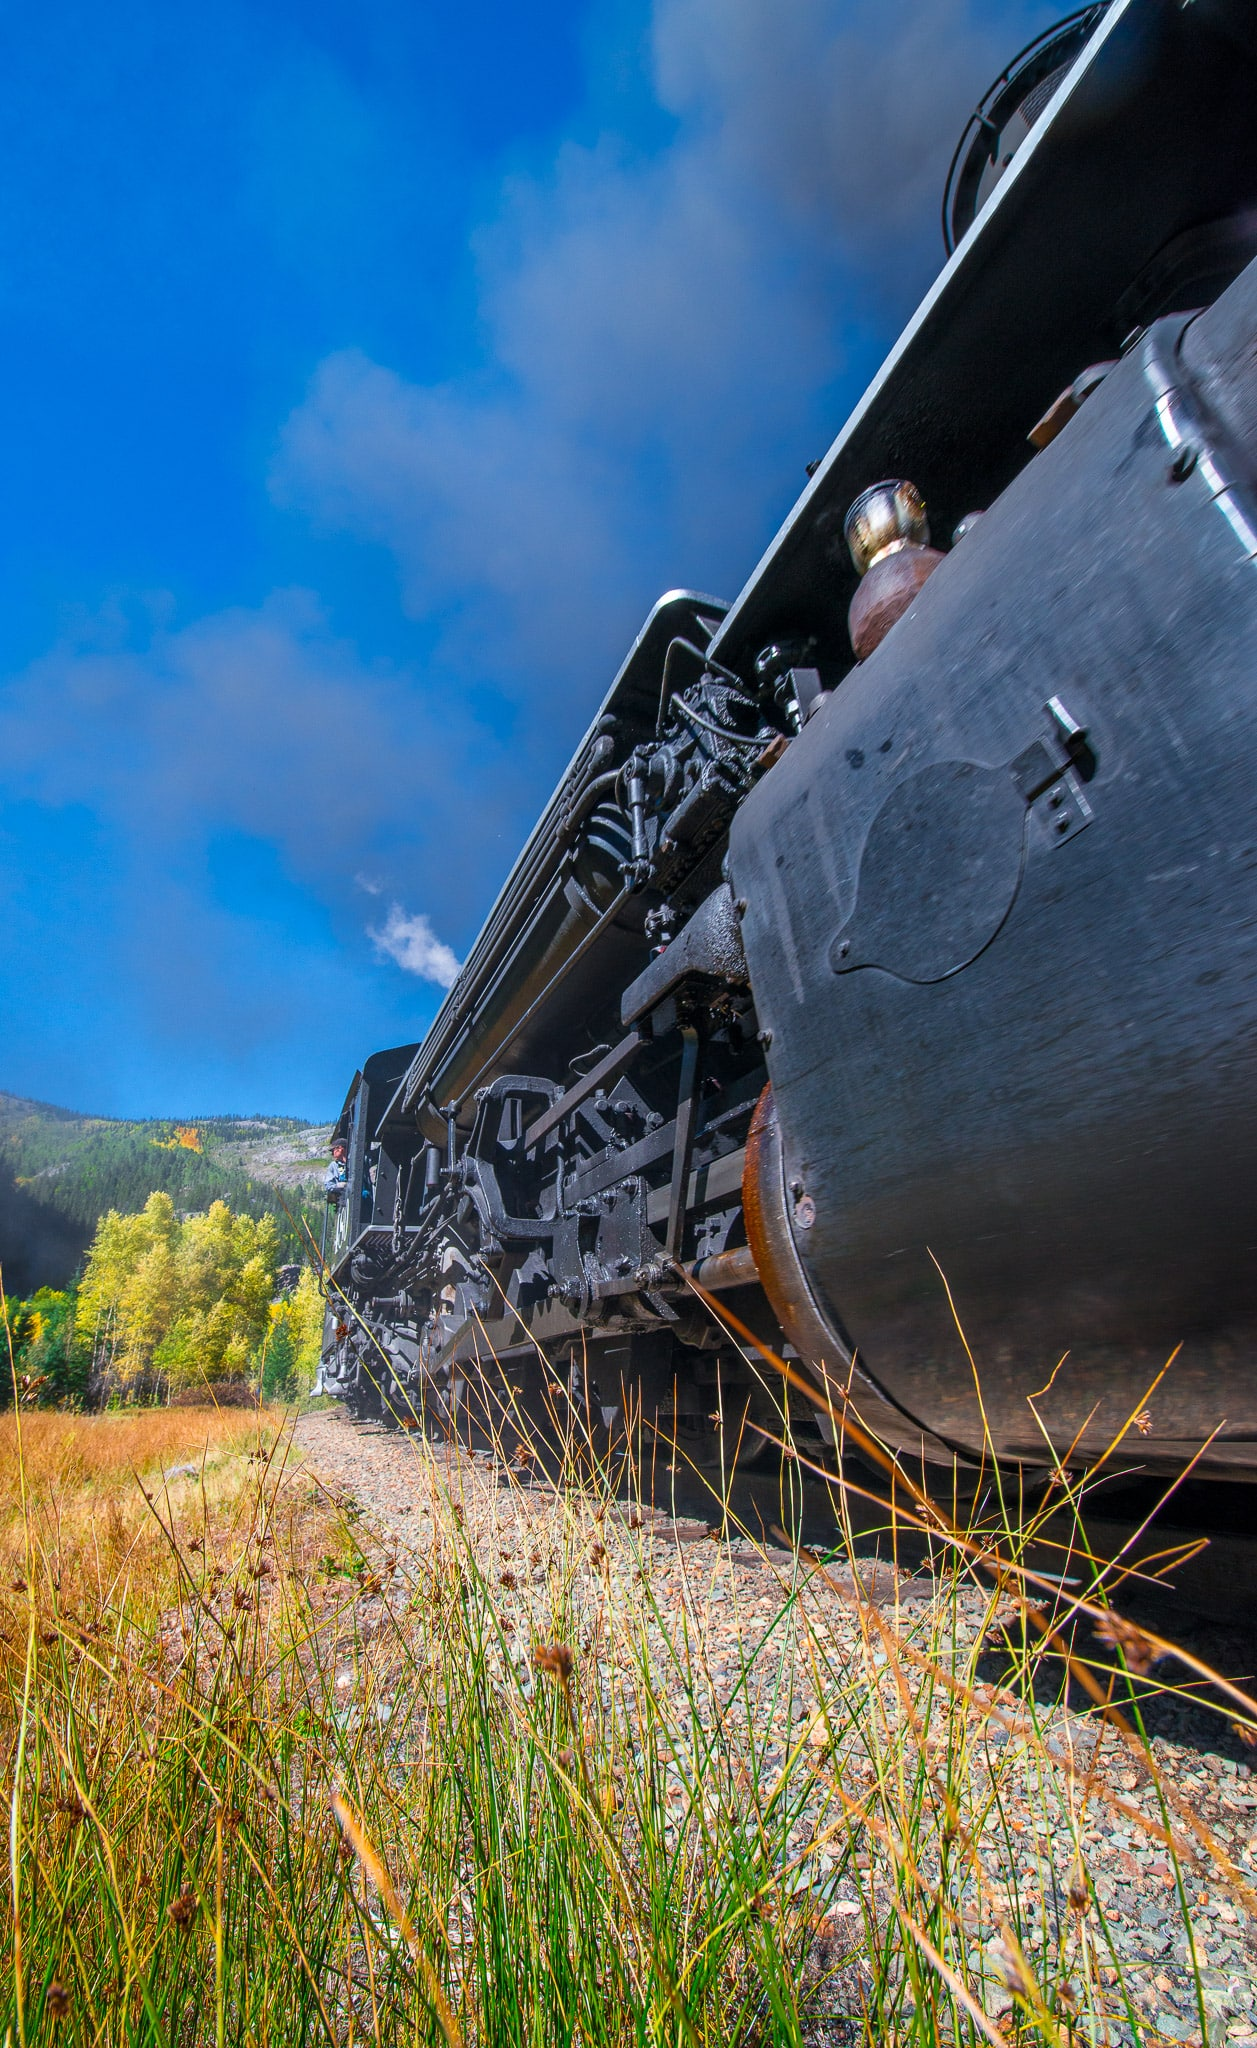 Durango & Silverton Railroad's Engine 480 whizzes by on it's trip from Silverton to Durango, Colorado.